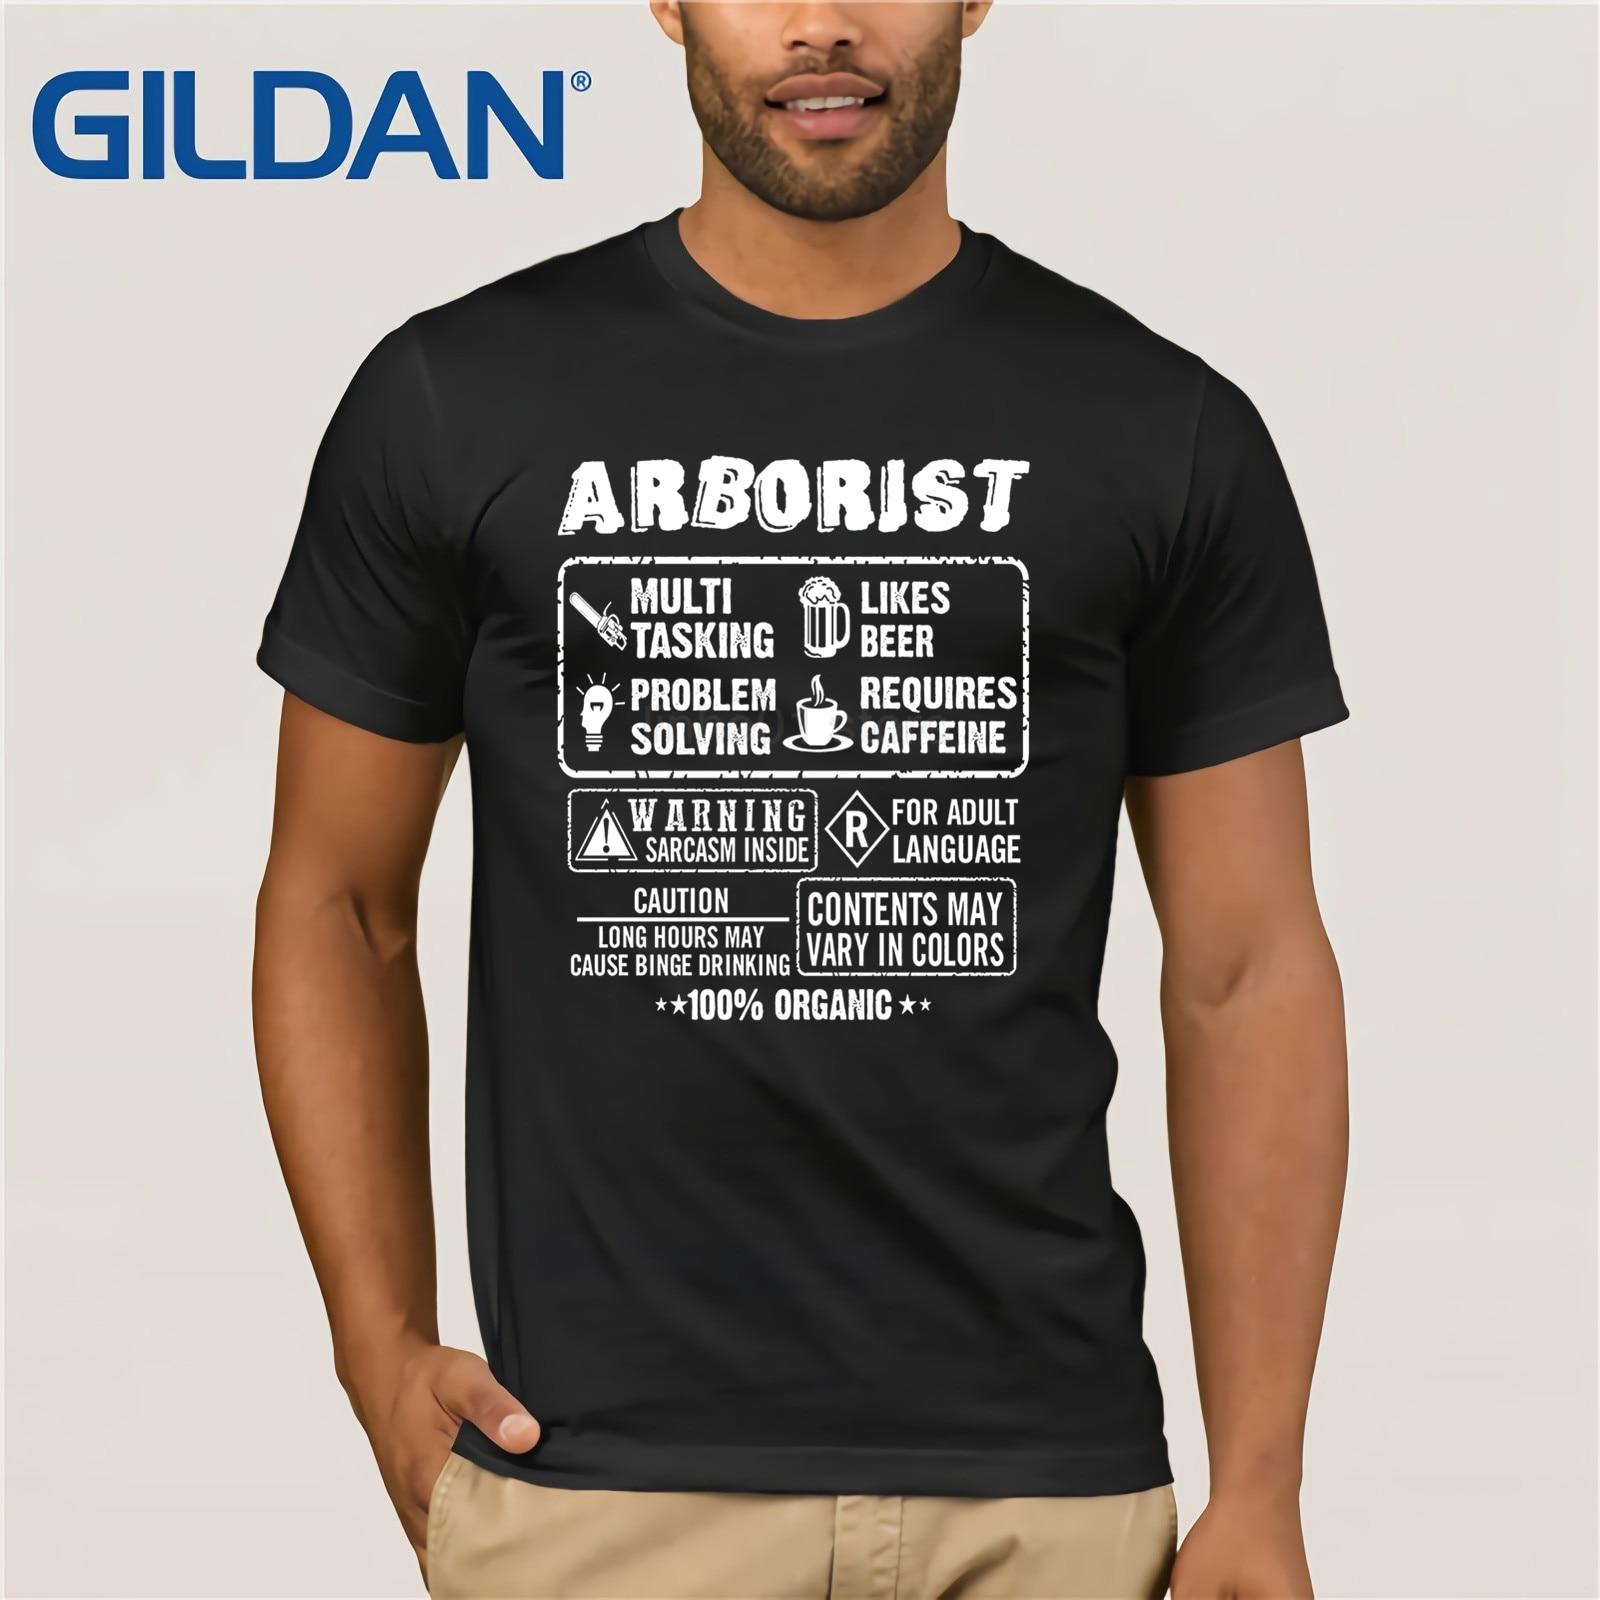 Camiseta orgánica de Arborist 100% para el día de la madre ms. Camiseta de manga corta de verano 2019 para los hombres